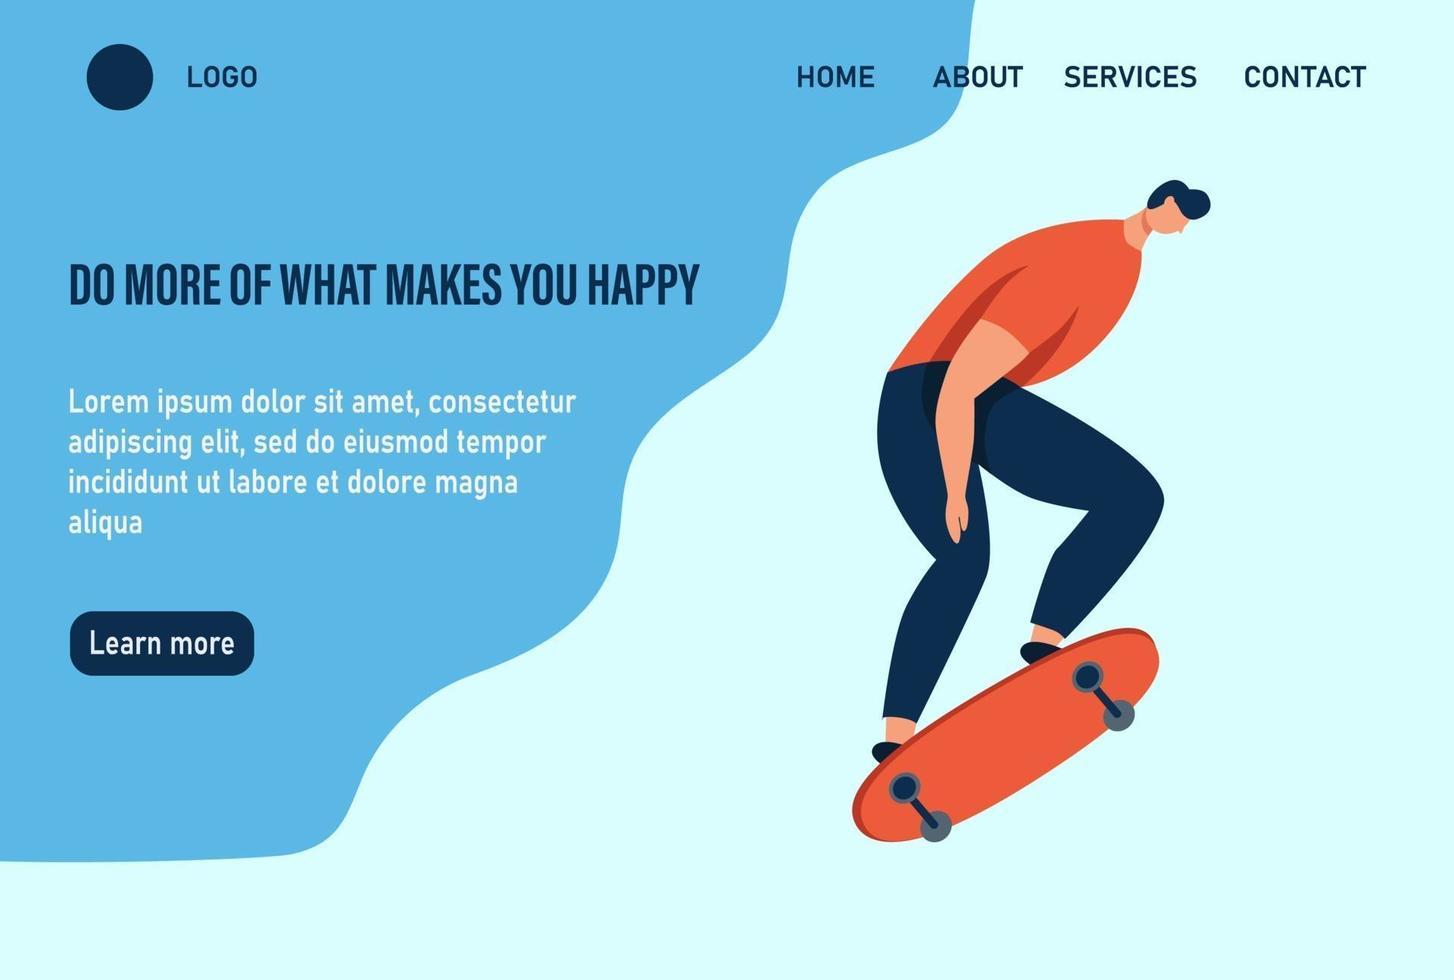 um jovem ou adolescente anda de skate. faça mais o que te faz feliz. modelo de página da web de destino da página inicial do site. ilustração vetorial plana. vetor